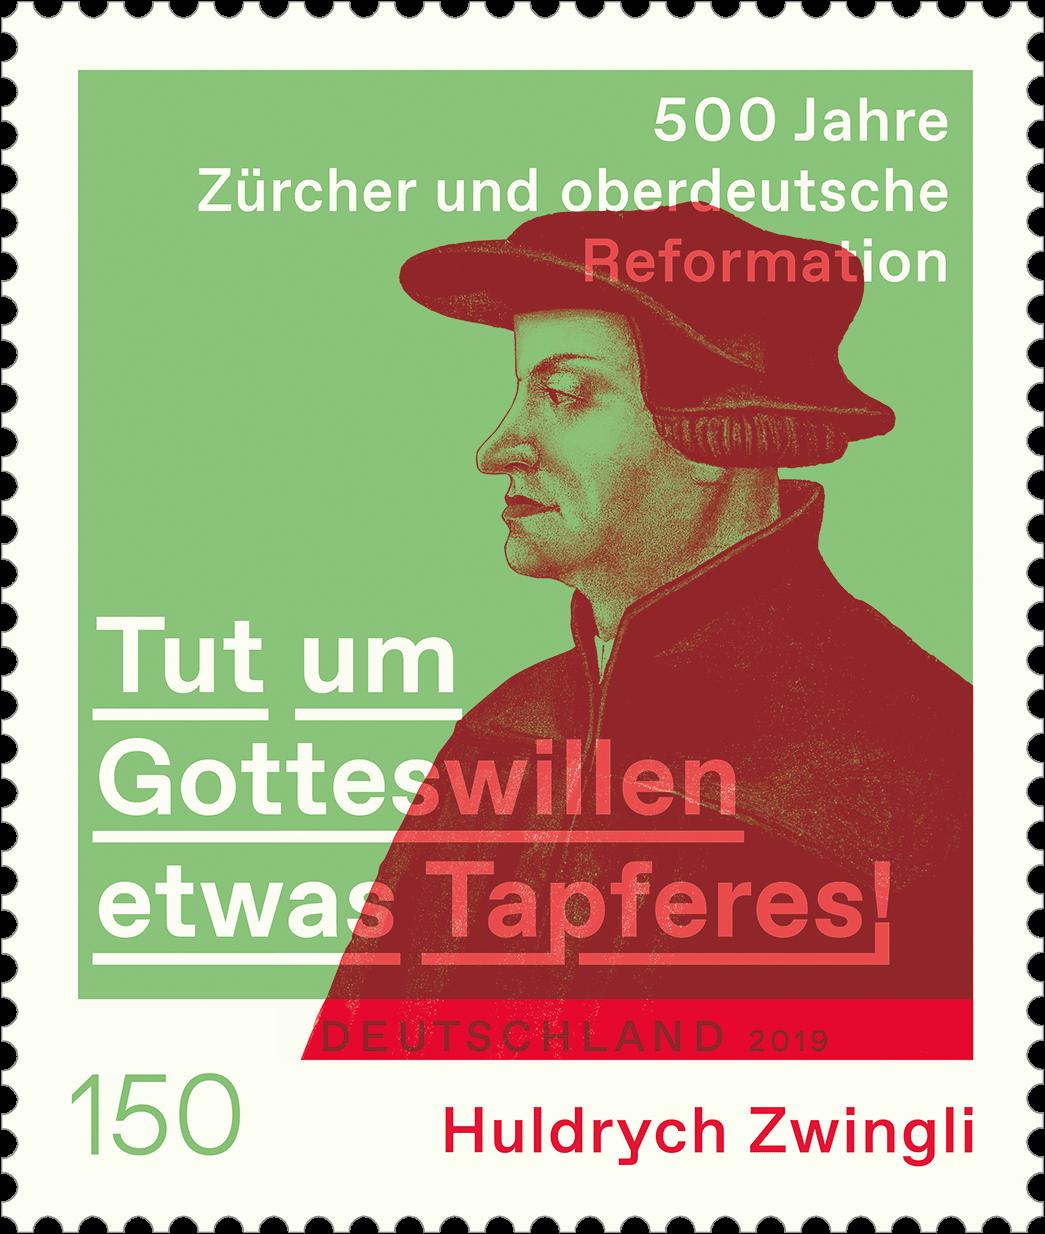 https://www.borek.de/briefmarke-huldrych-zwingli-500-jahre-reformation